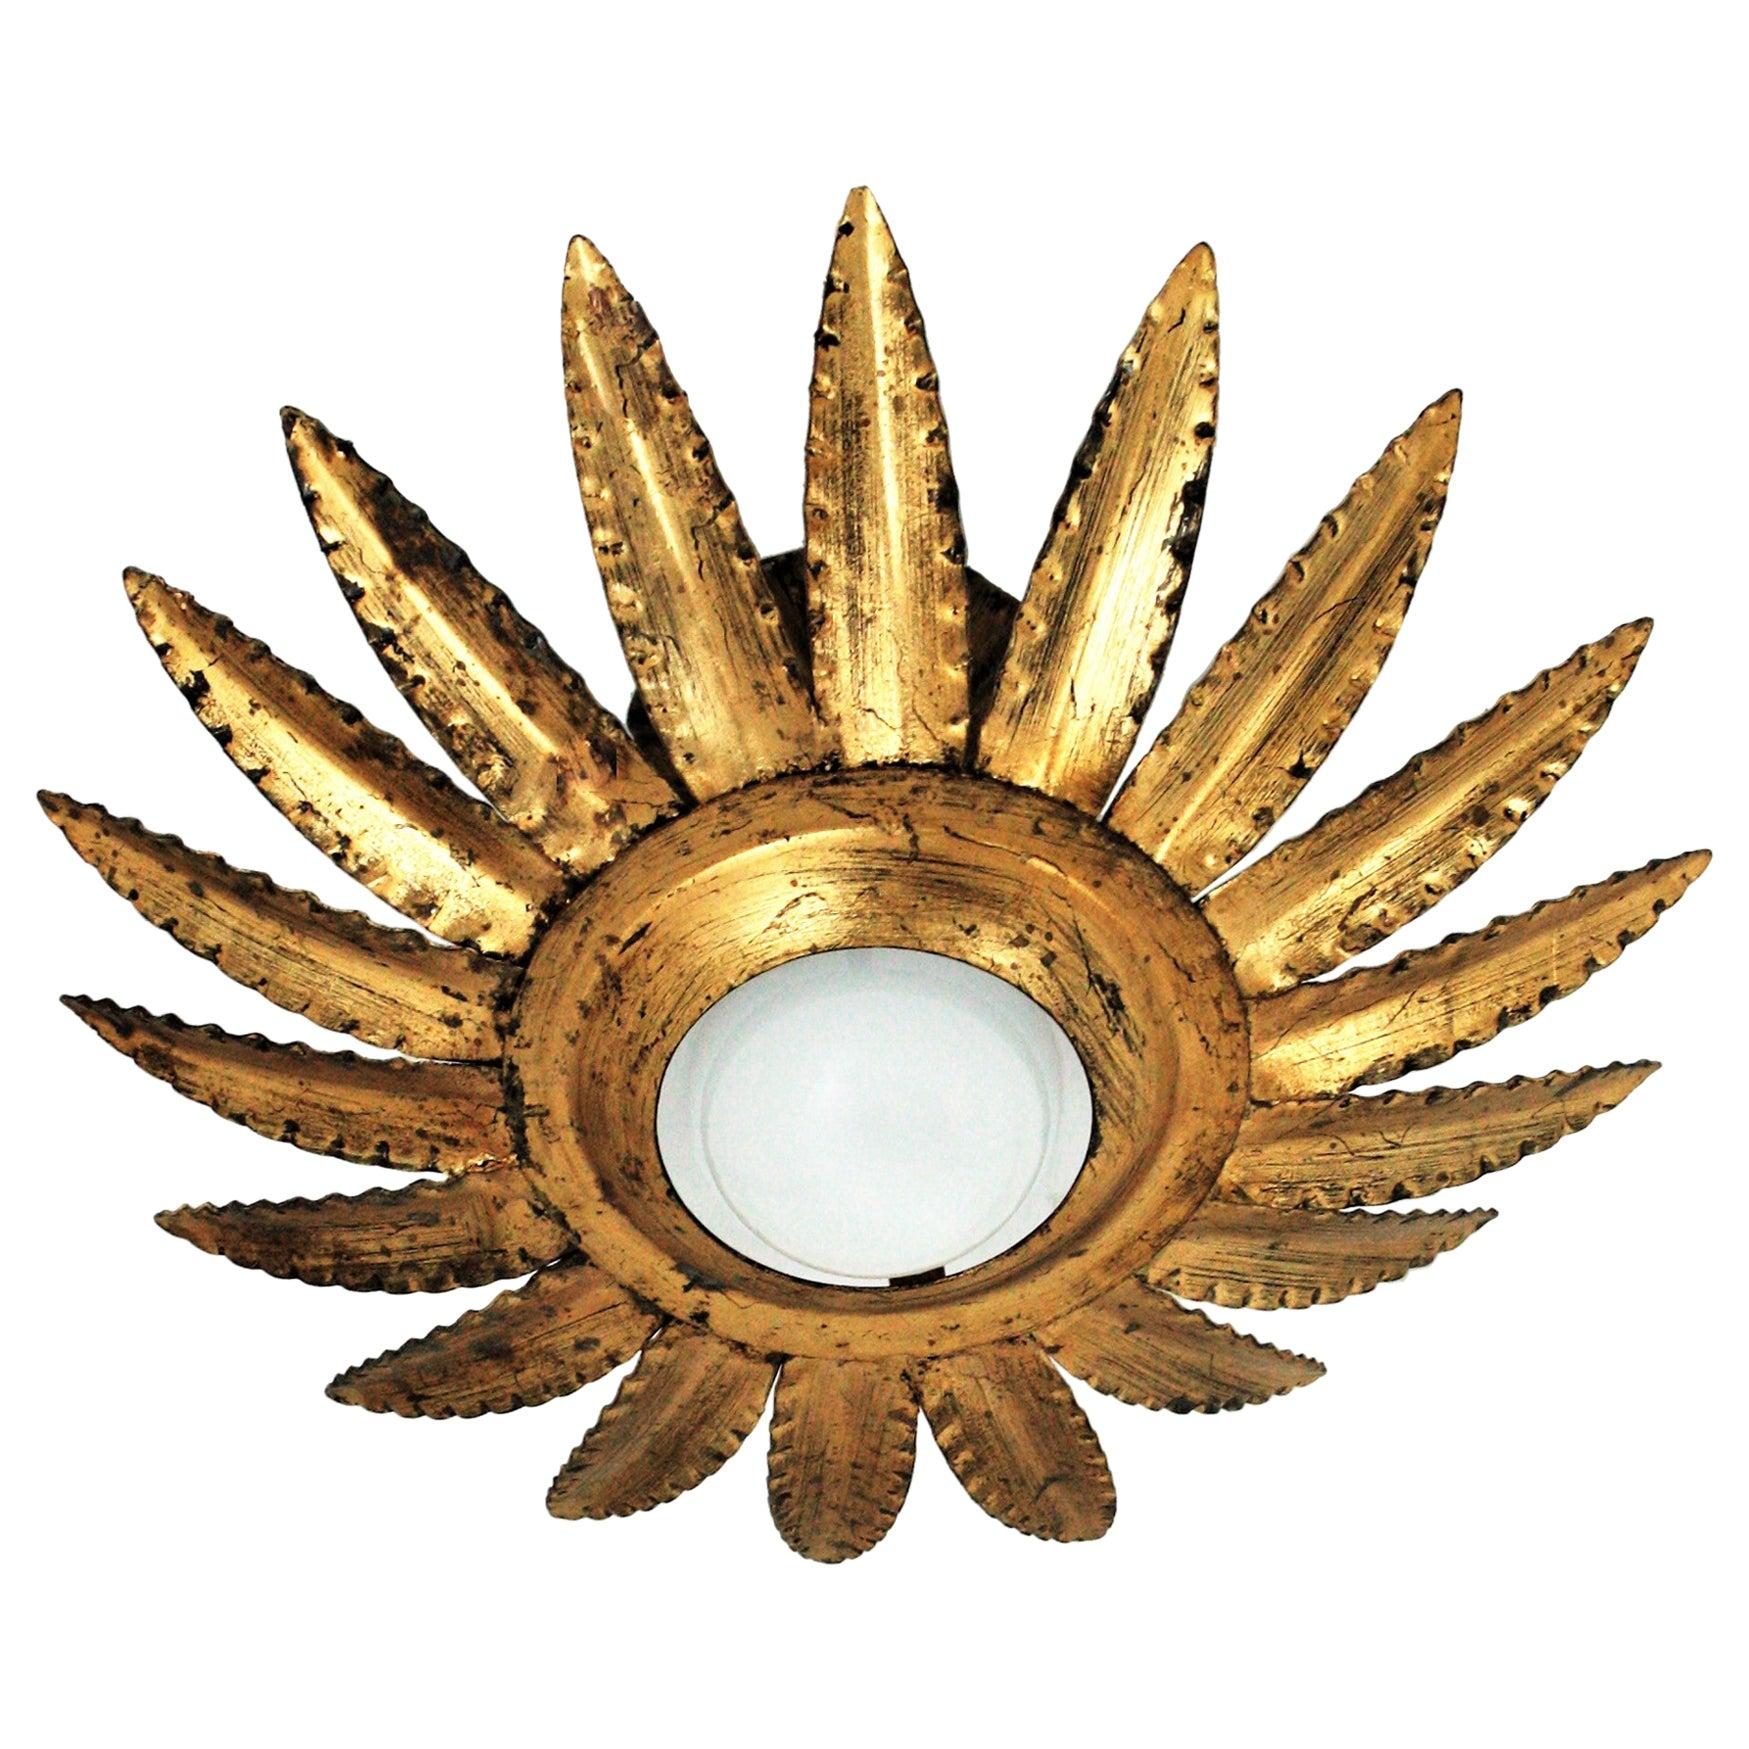 Sunburst Flower Light Fixture or Pendant in Gilt Metal